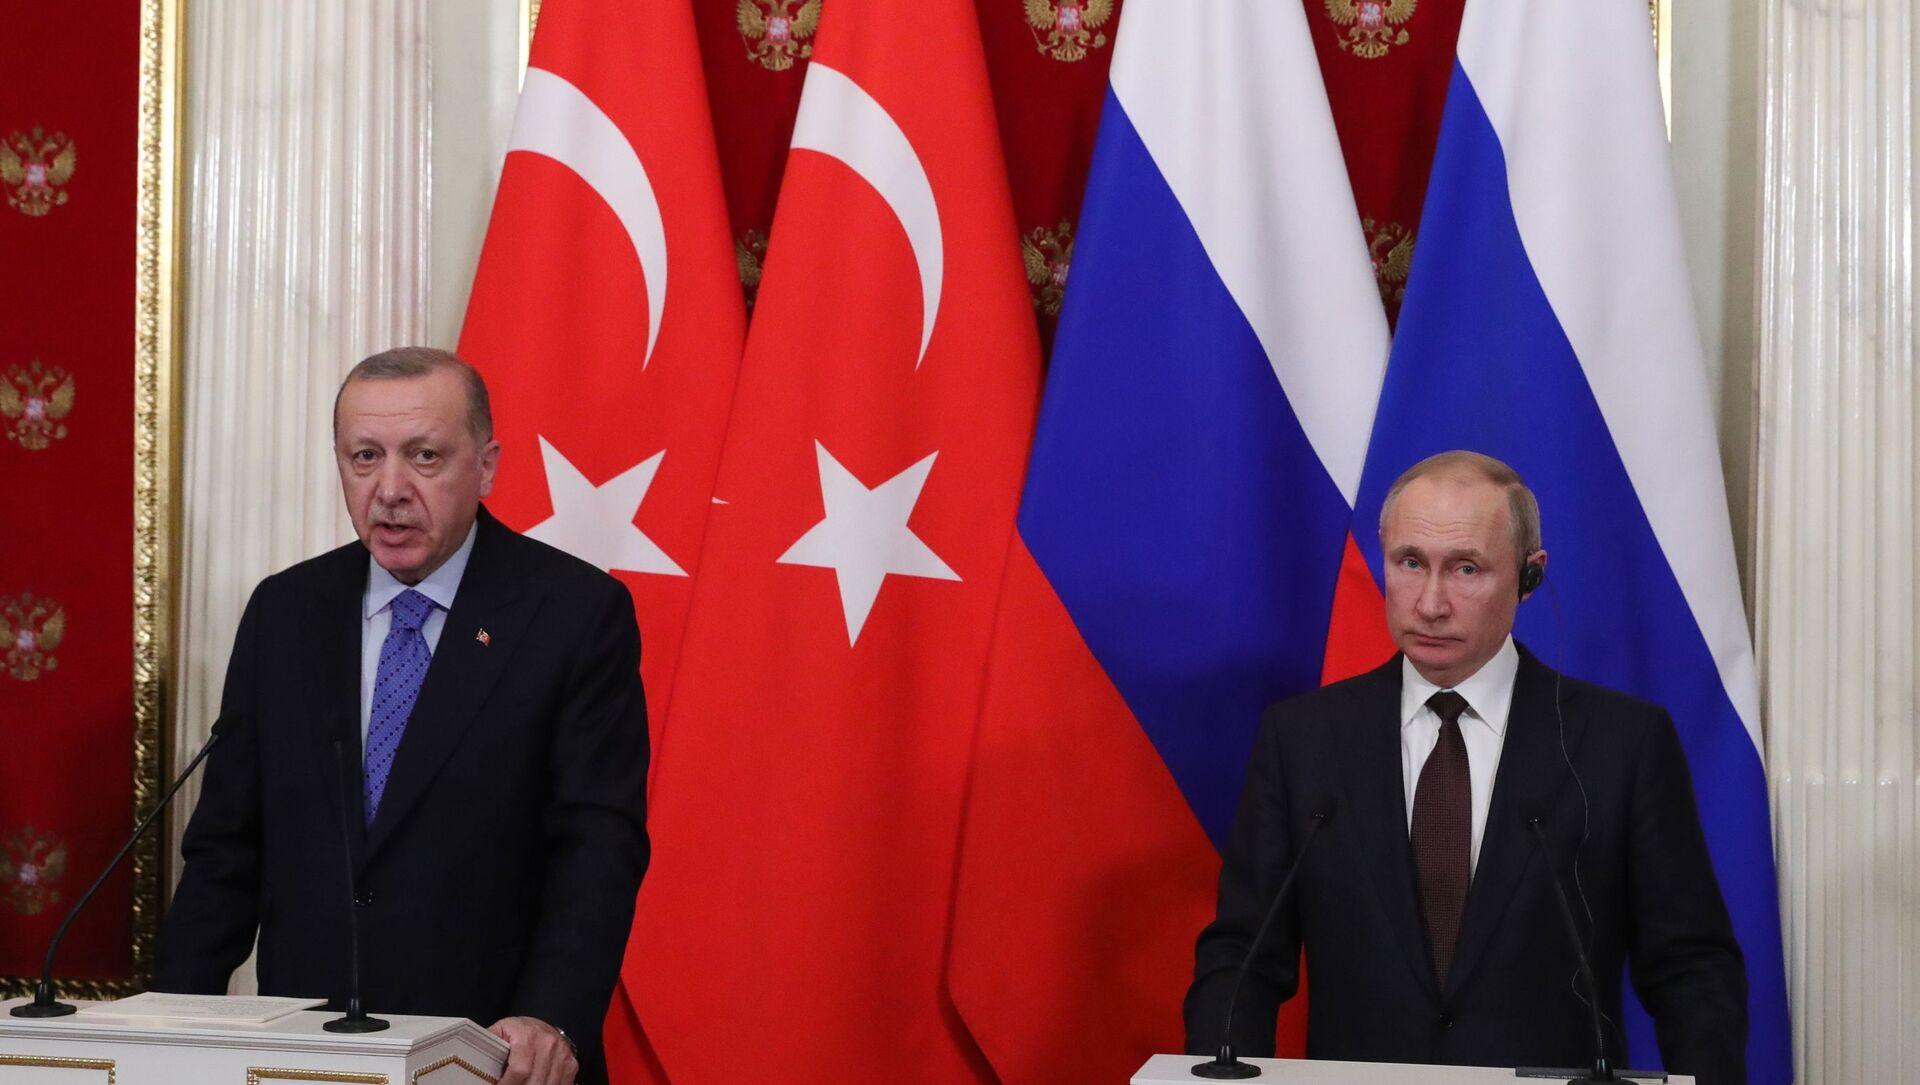 Президент РФ В. Путин встретился с президентом Турции Р. Эрдоганом - Sputnik Абхазия, 1920, 26.09.2021